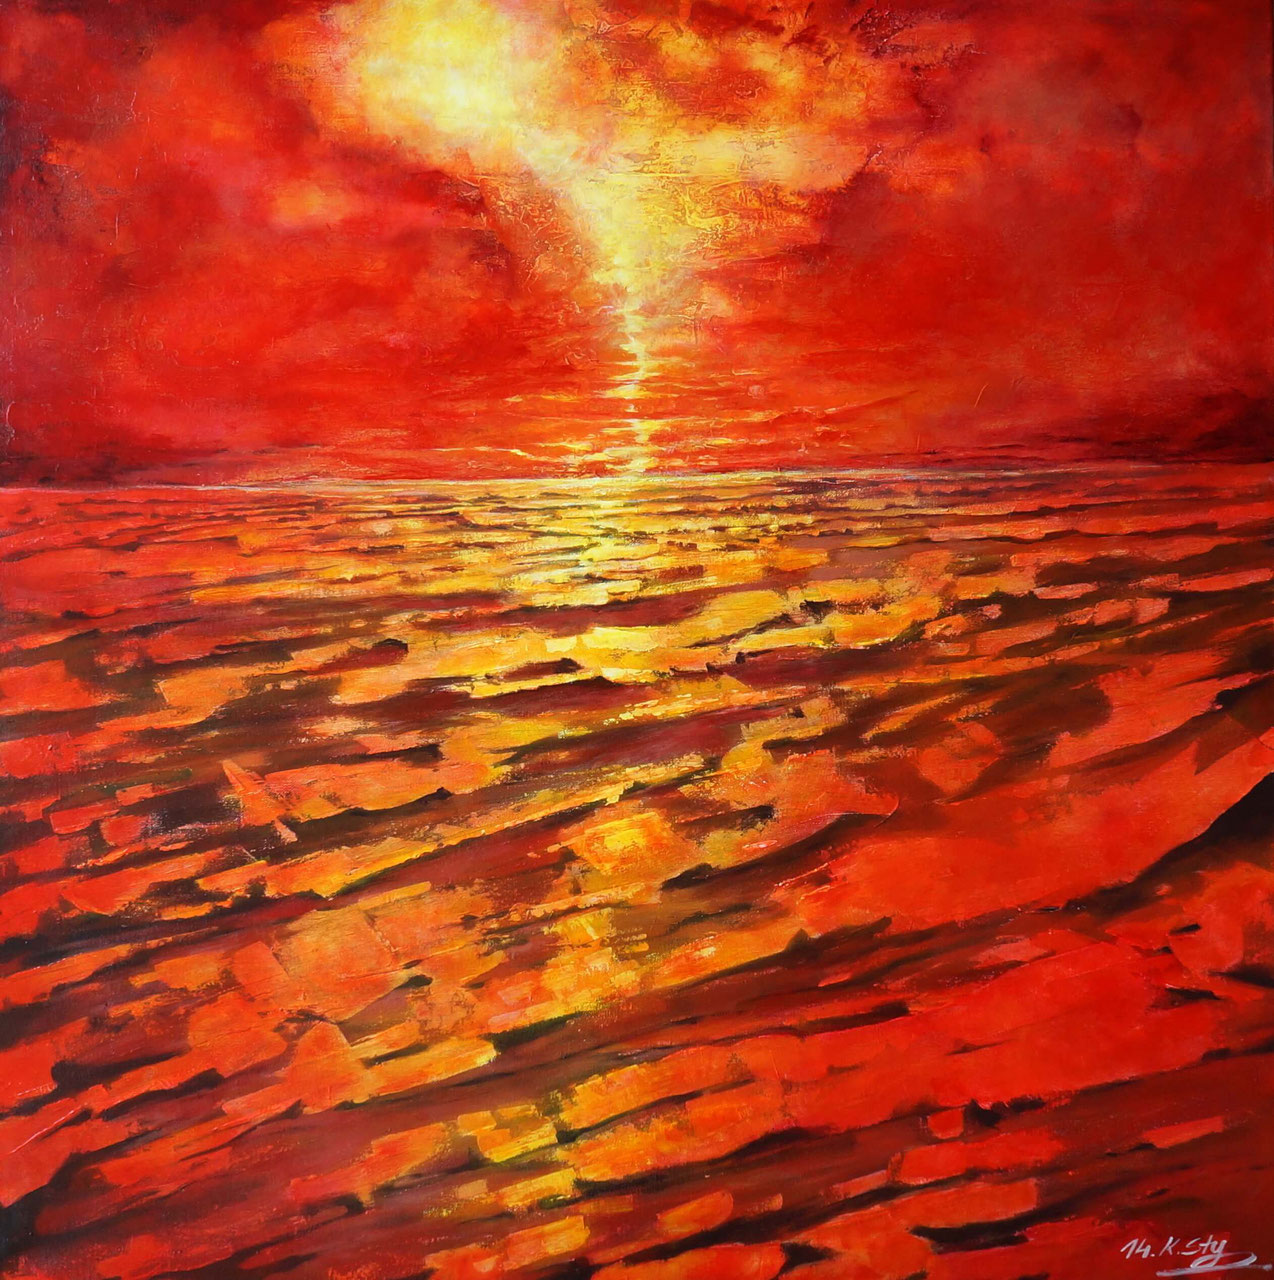 K. Styrnol feurige Landschaft Acryl auf Leinwand Gemälde Original ...